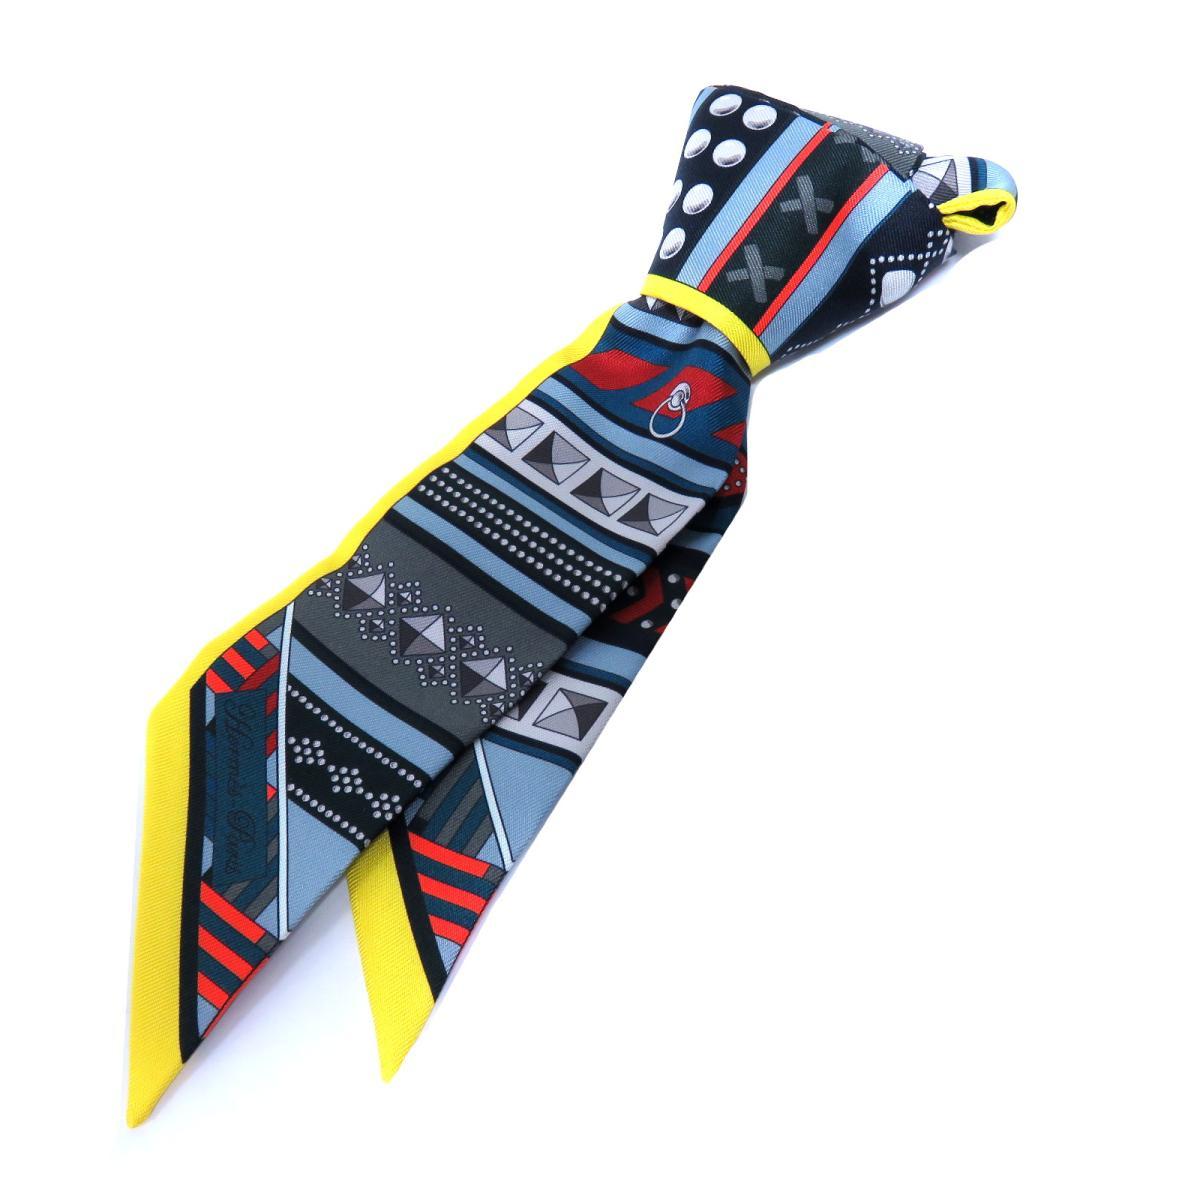 エルメス トゥイリー スカーフ レディース シルク グレー / イエロー / レッド / オレンジ | HERMES スカーフ ツイリー 新品 ブランドオフ